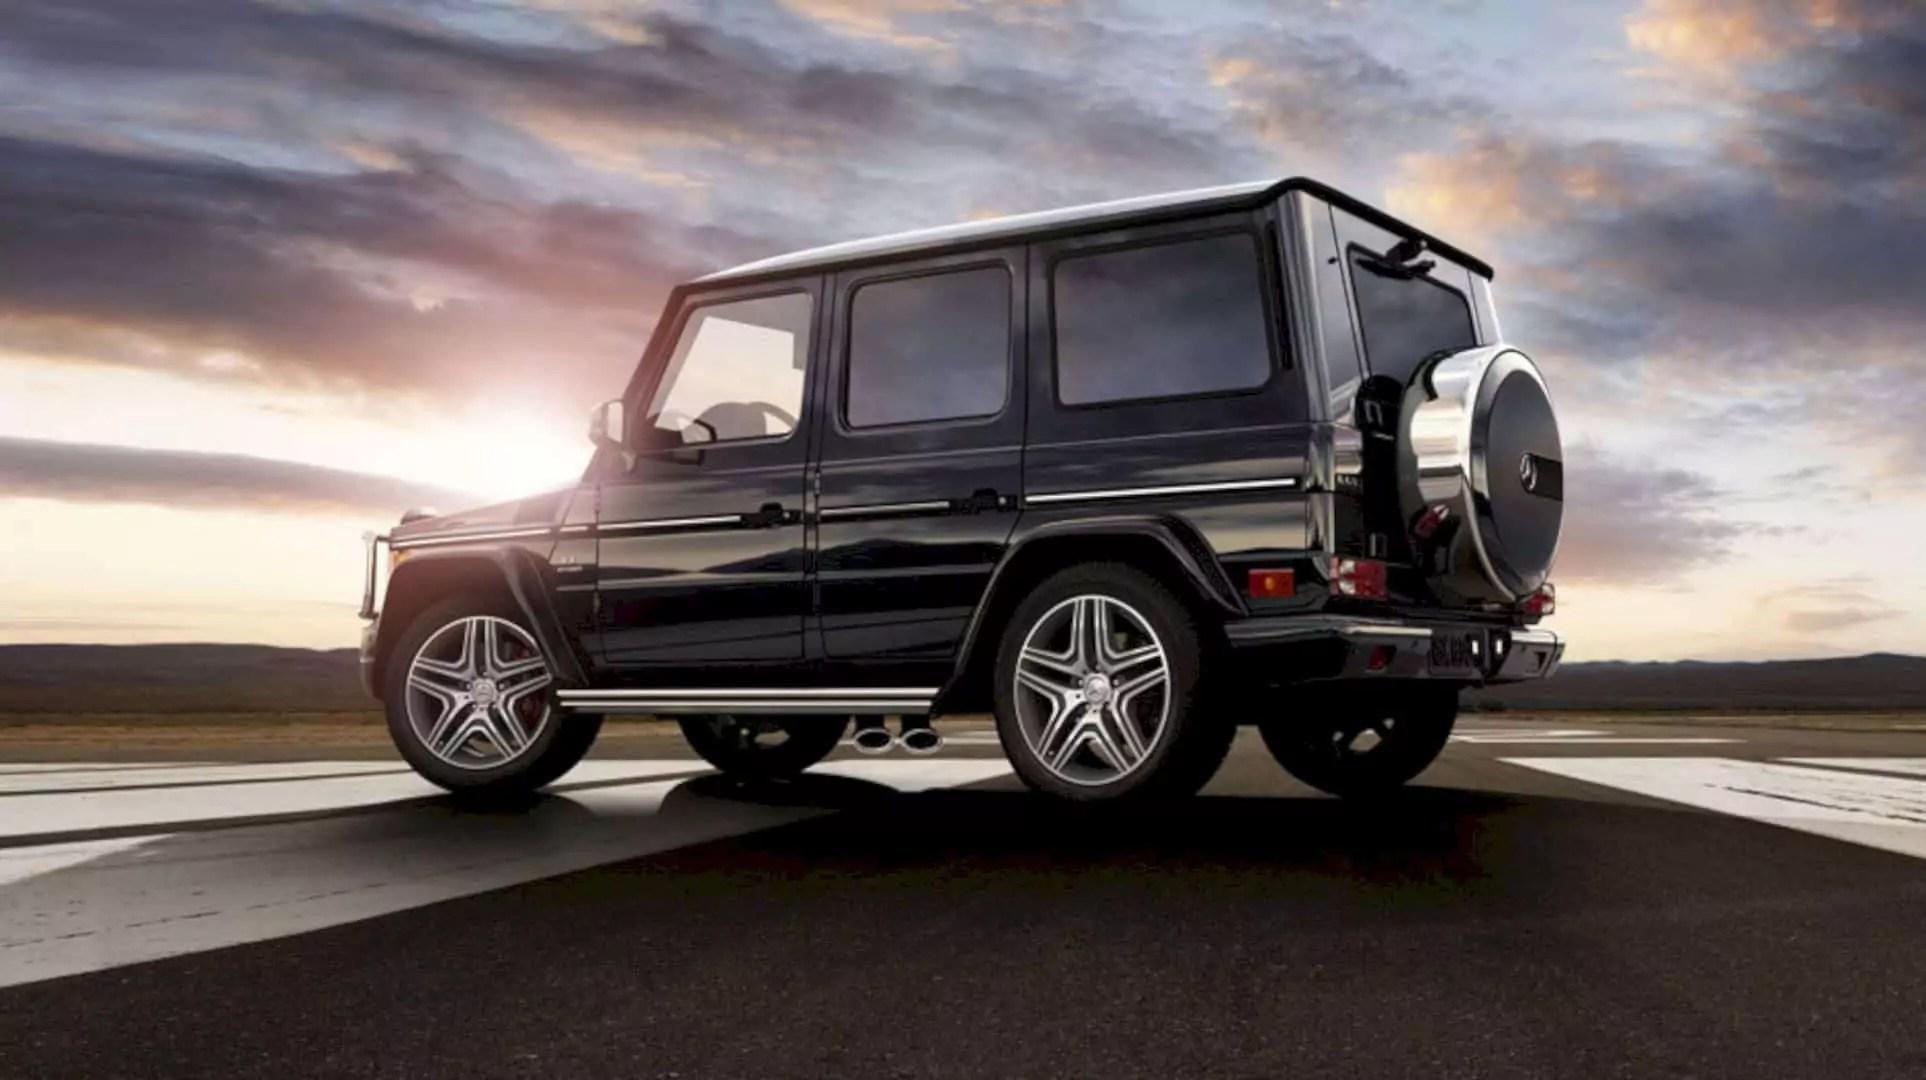 The New Mercedes Benz G Class 7